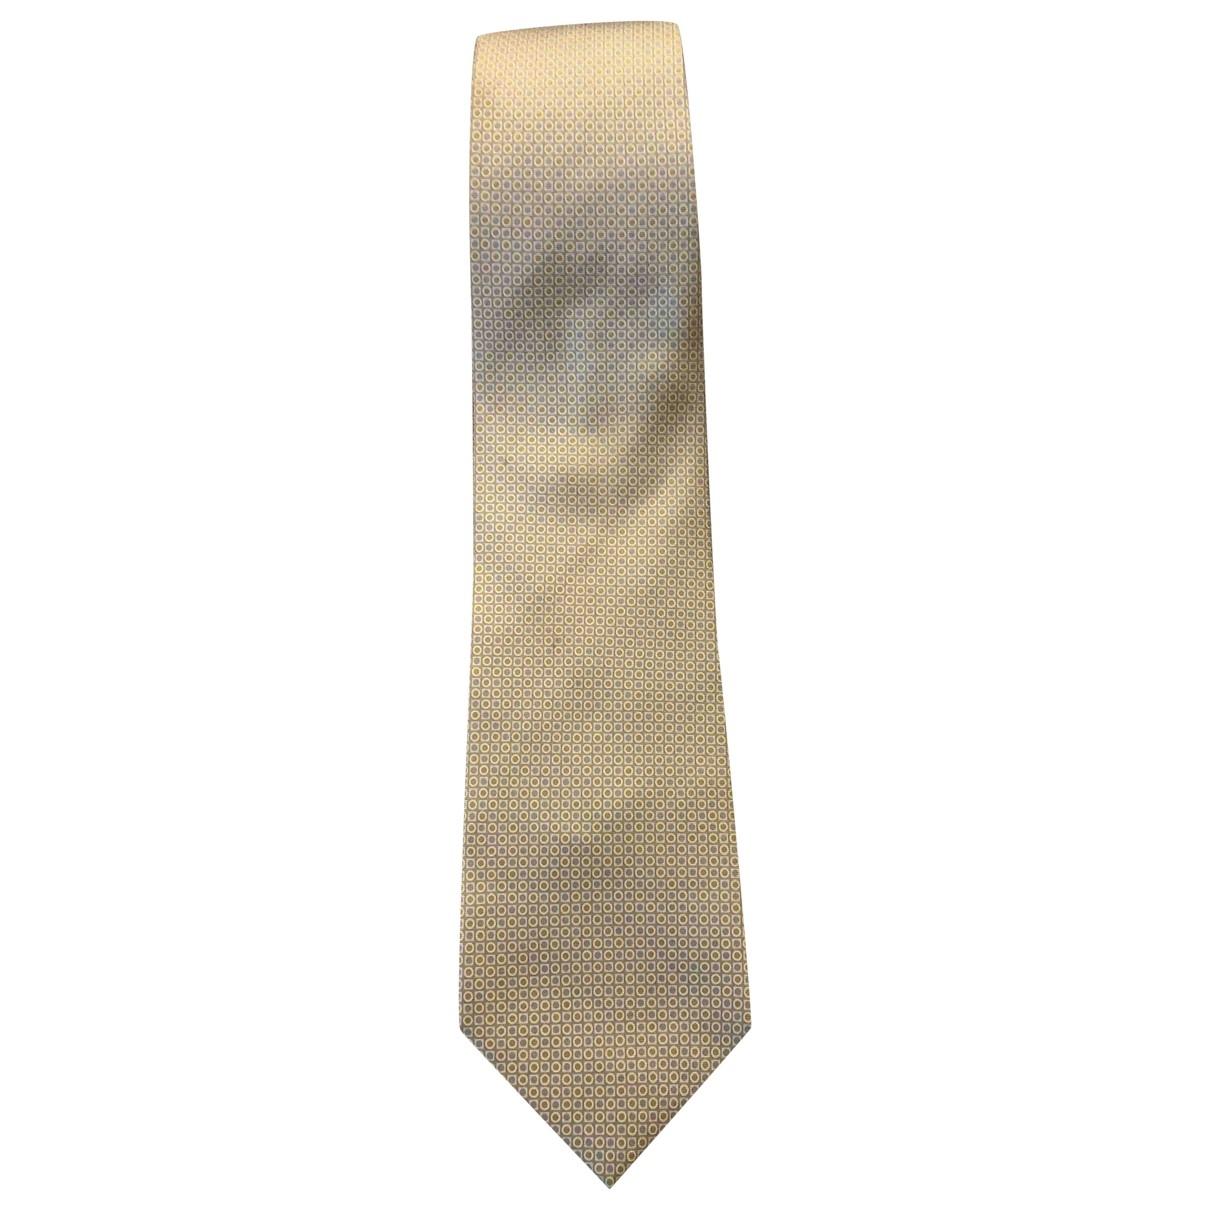 Lancel - Cravates   pour homme en soie - beige